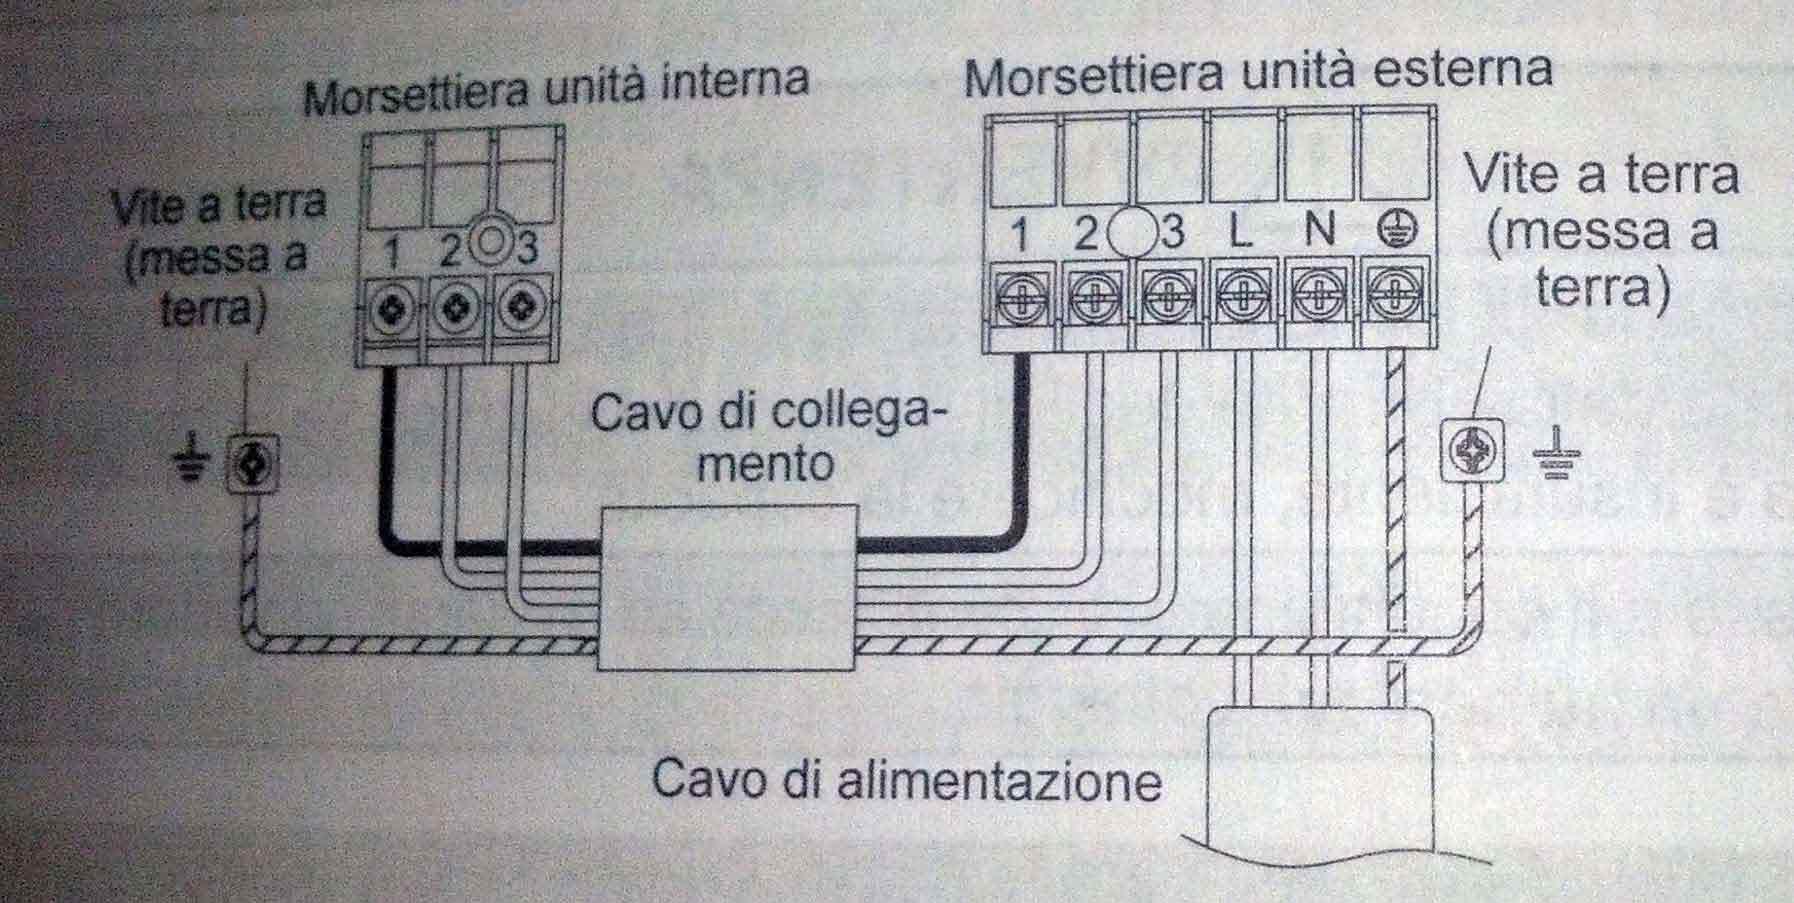 Schemi Elettrici Elettrodomestici : Cablaggio elettrico general ashg12lmca interna esterna impianti